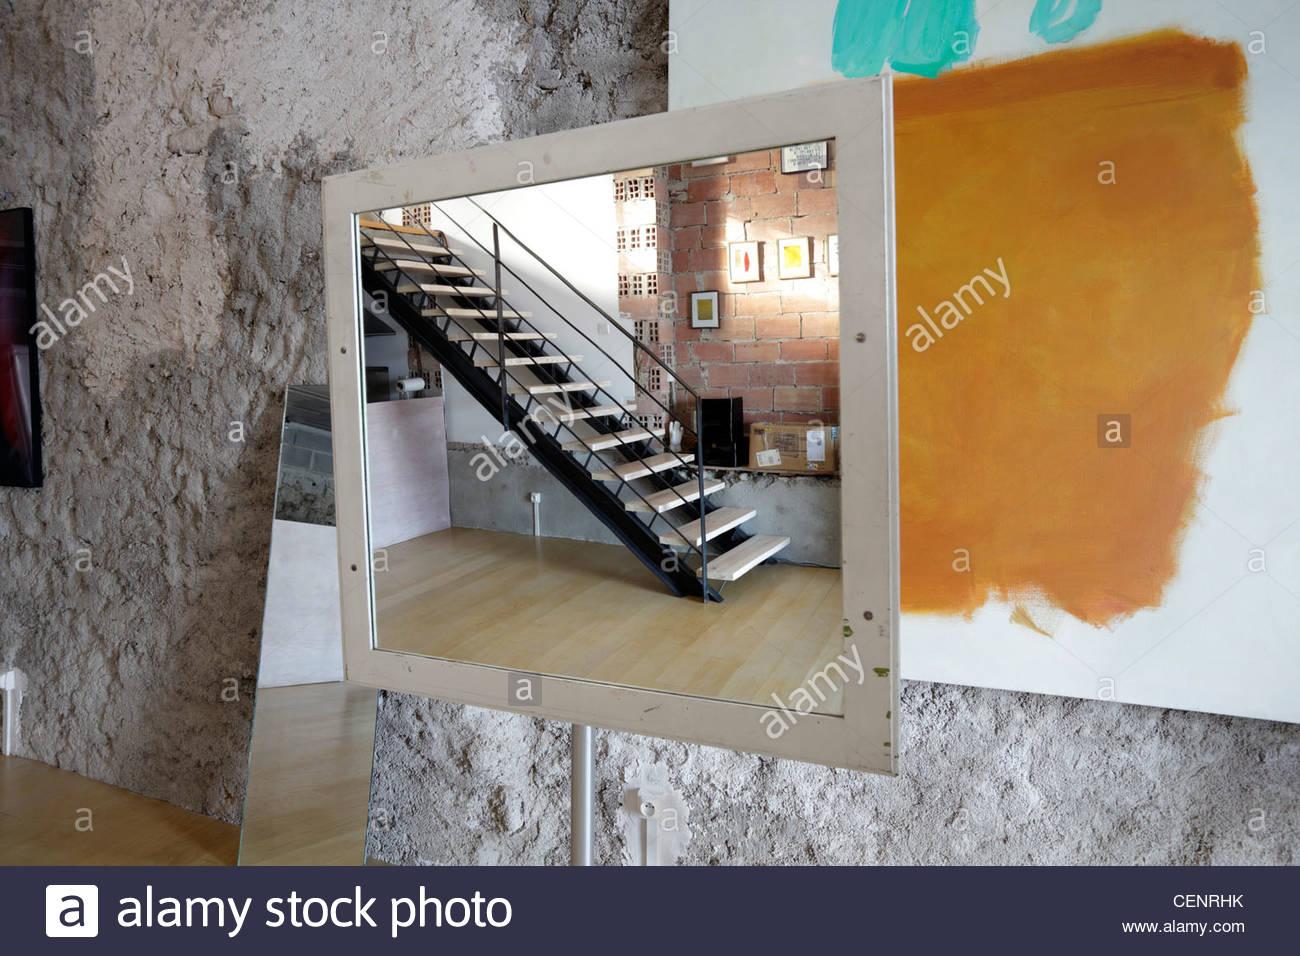 Specchio posto in una stanza con opere d'arte nelle pareti Immagini Stock